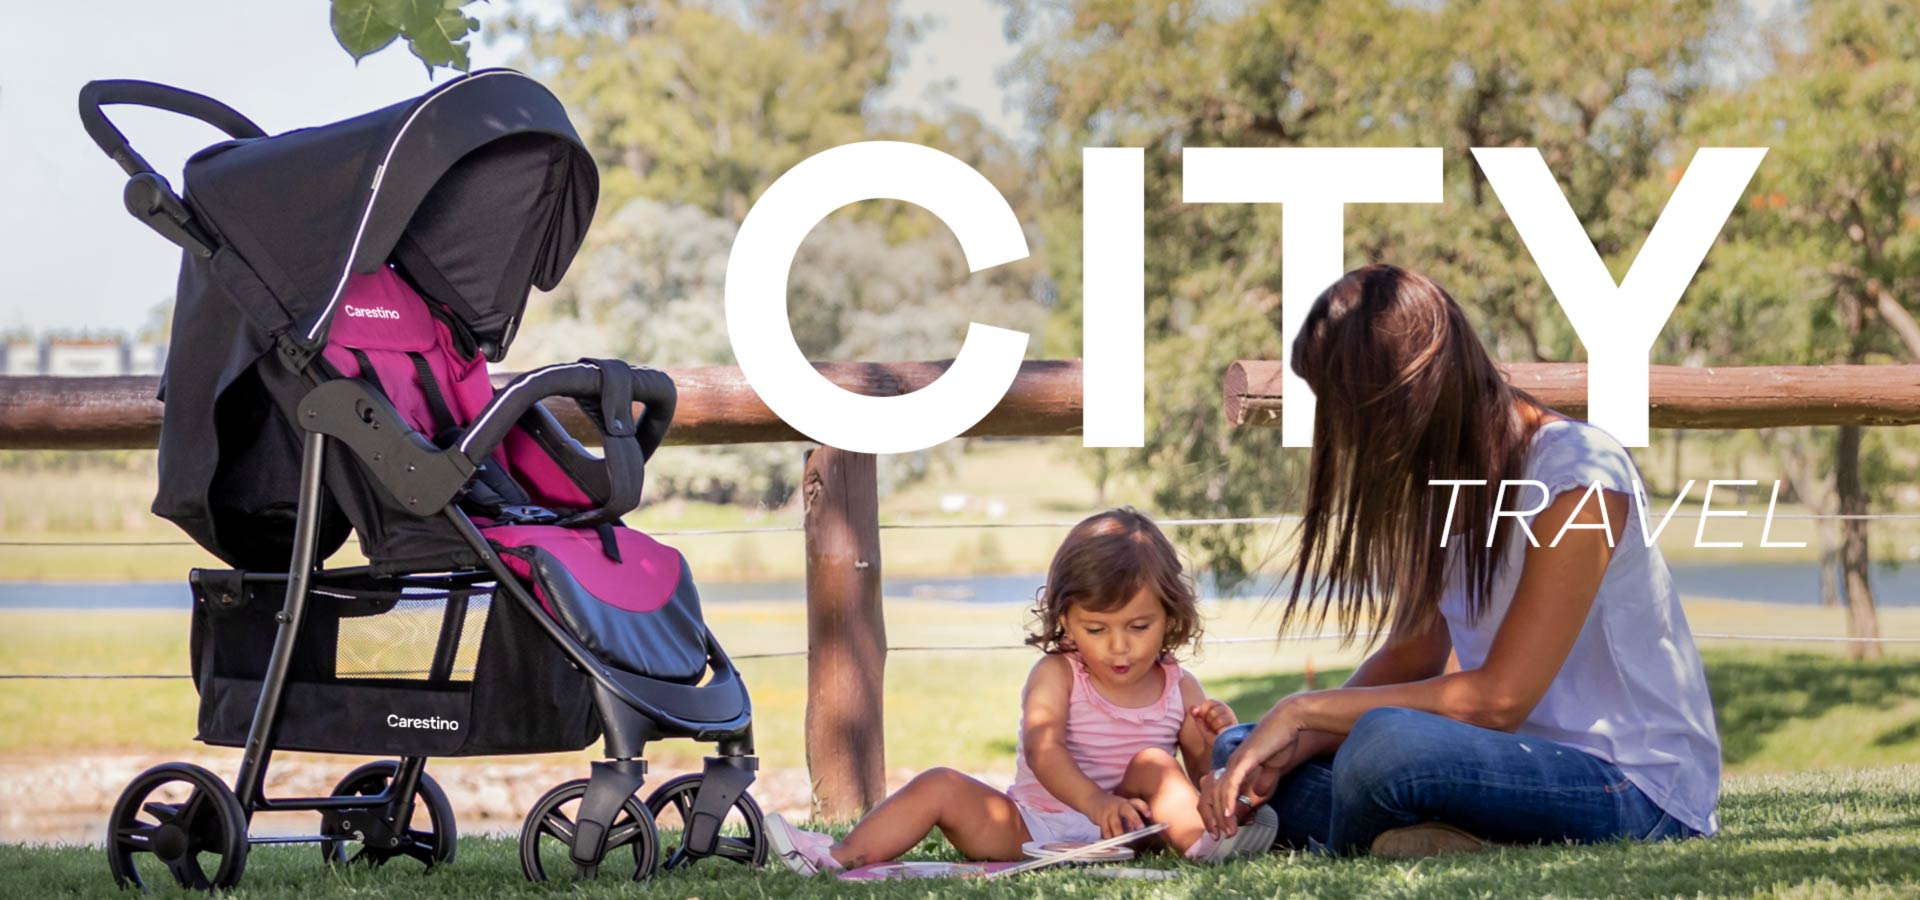 City Travel | Clásico y Funcional | Paseos más divertidos con mamá!